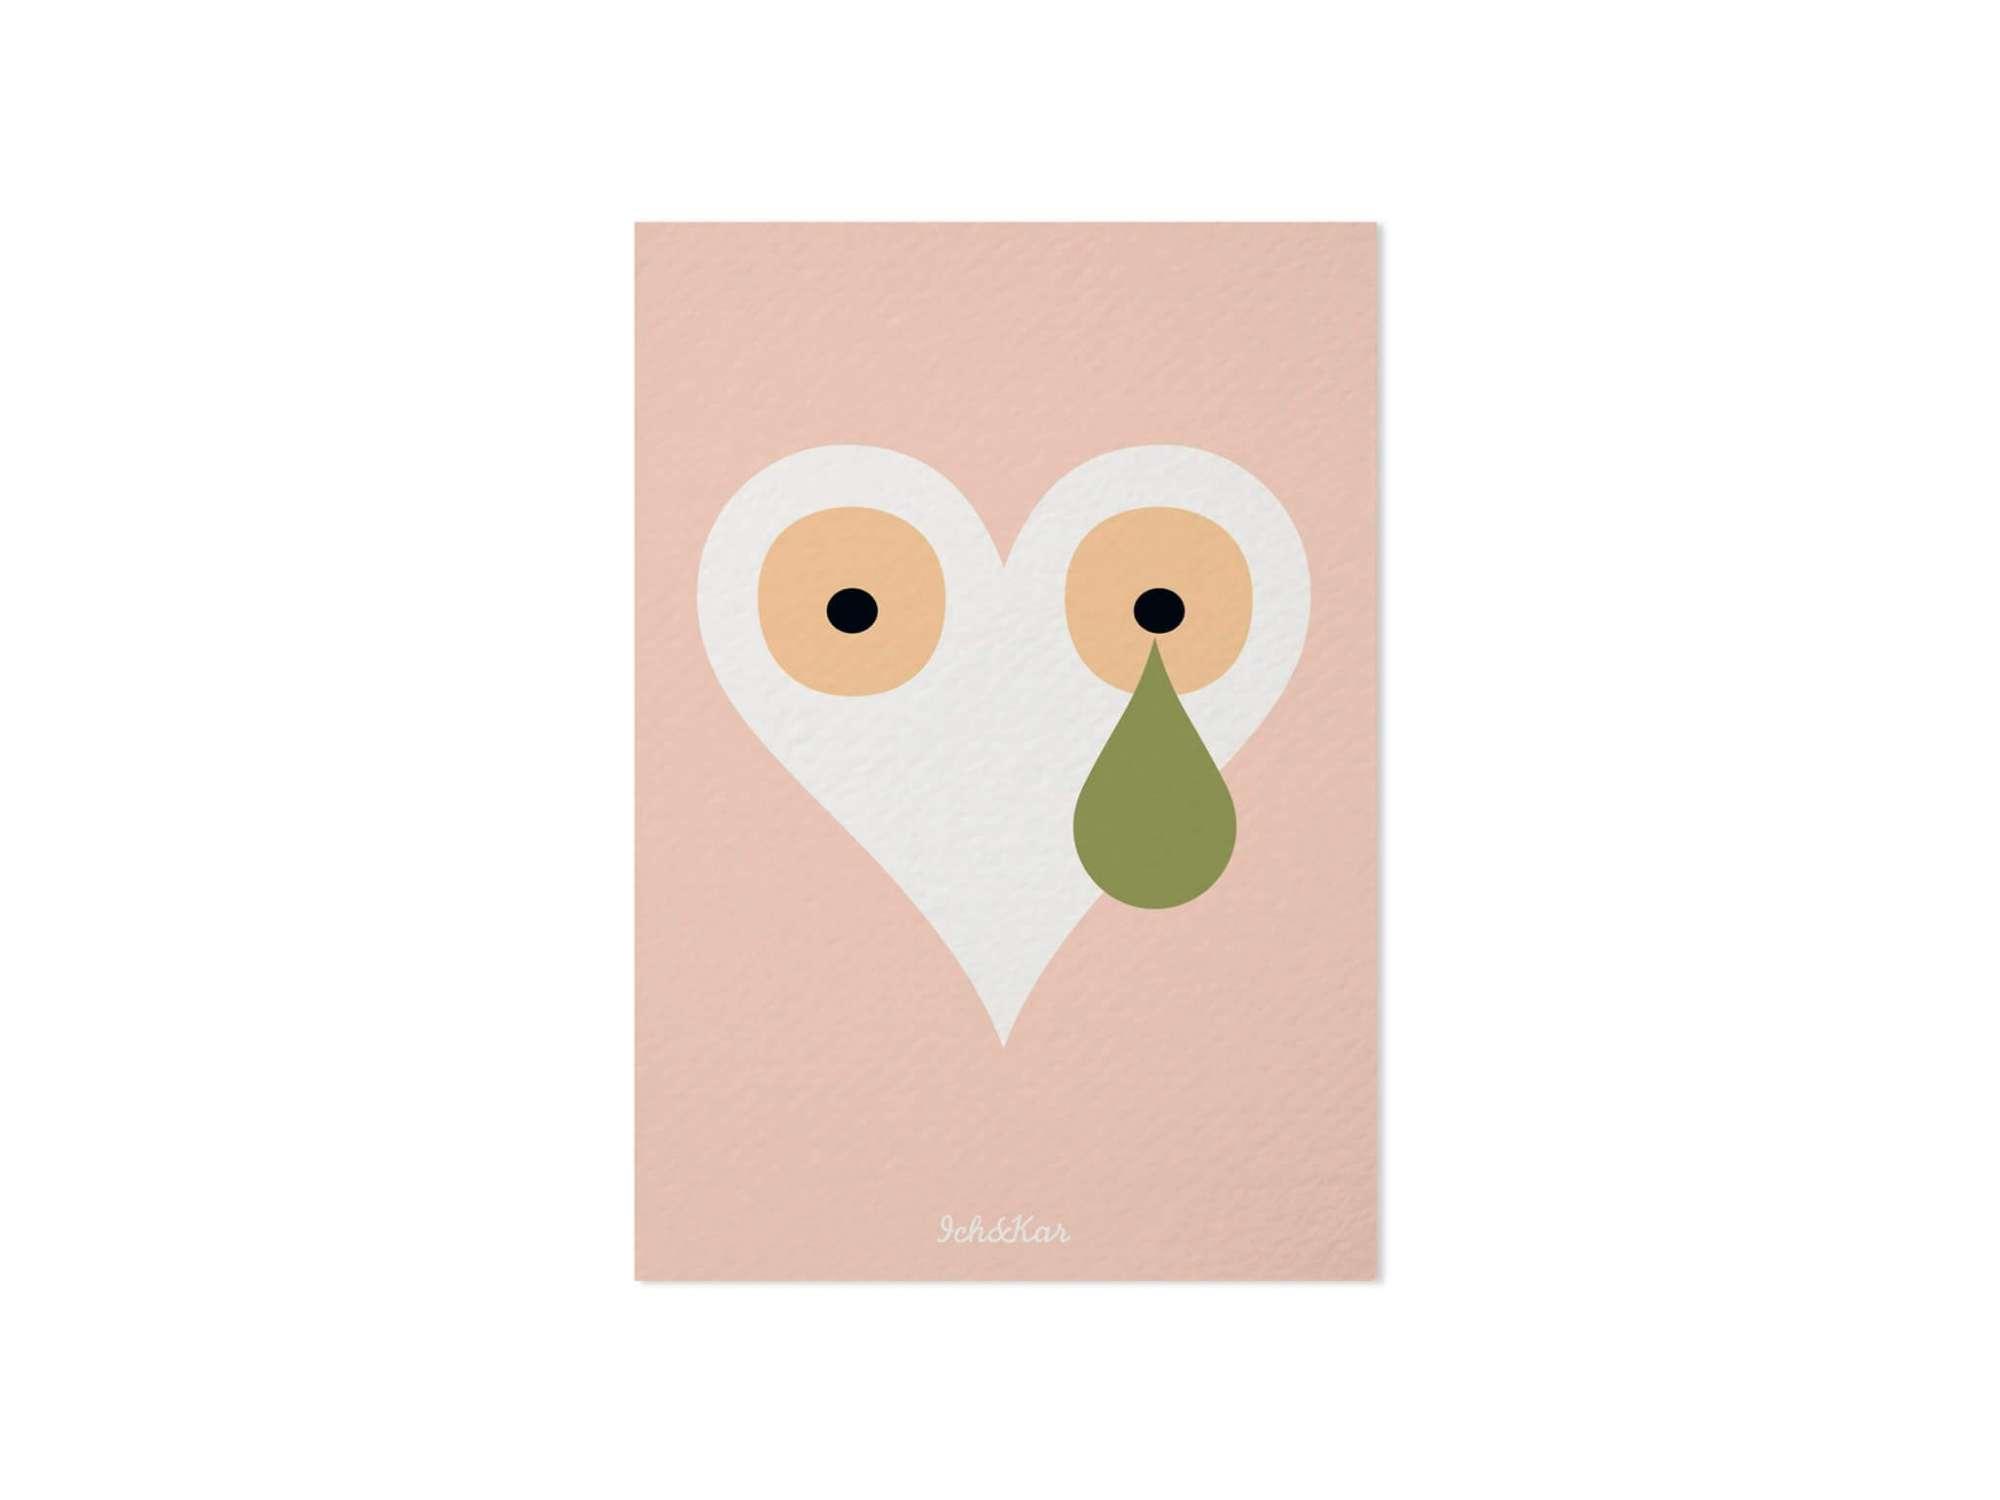 carte illustrée du coeur icône du studio Ich&kar rose poudré et kaki,